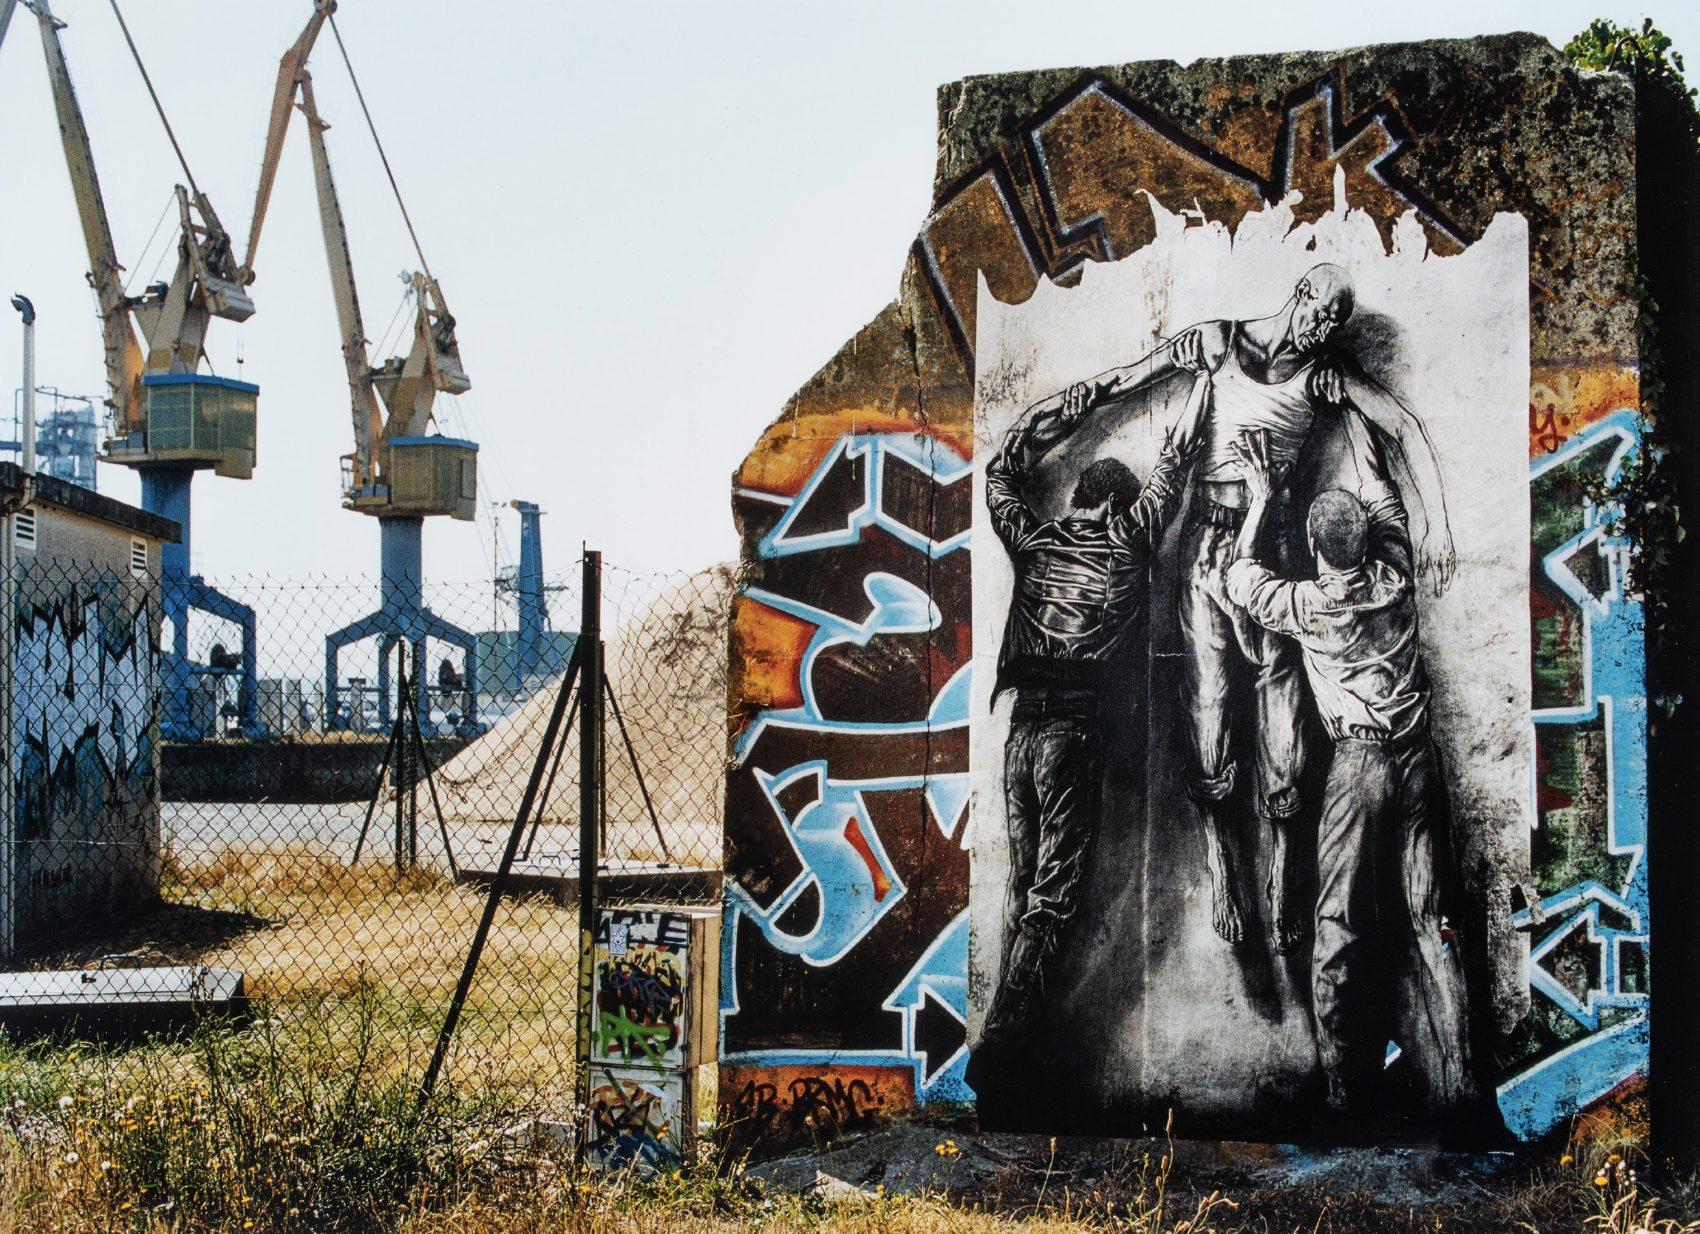 Pan de mur recouvers de graffiti, devant un grand chantier, à Brest. Collage d'un grand dessin de Jean Genet, mort, soulevé par deux hommes.